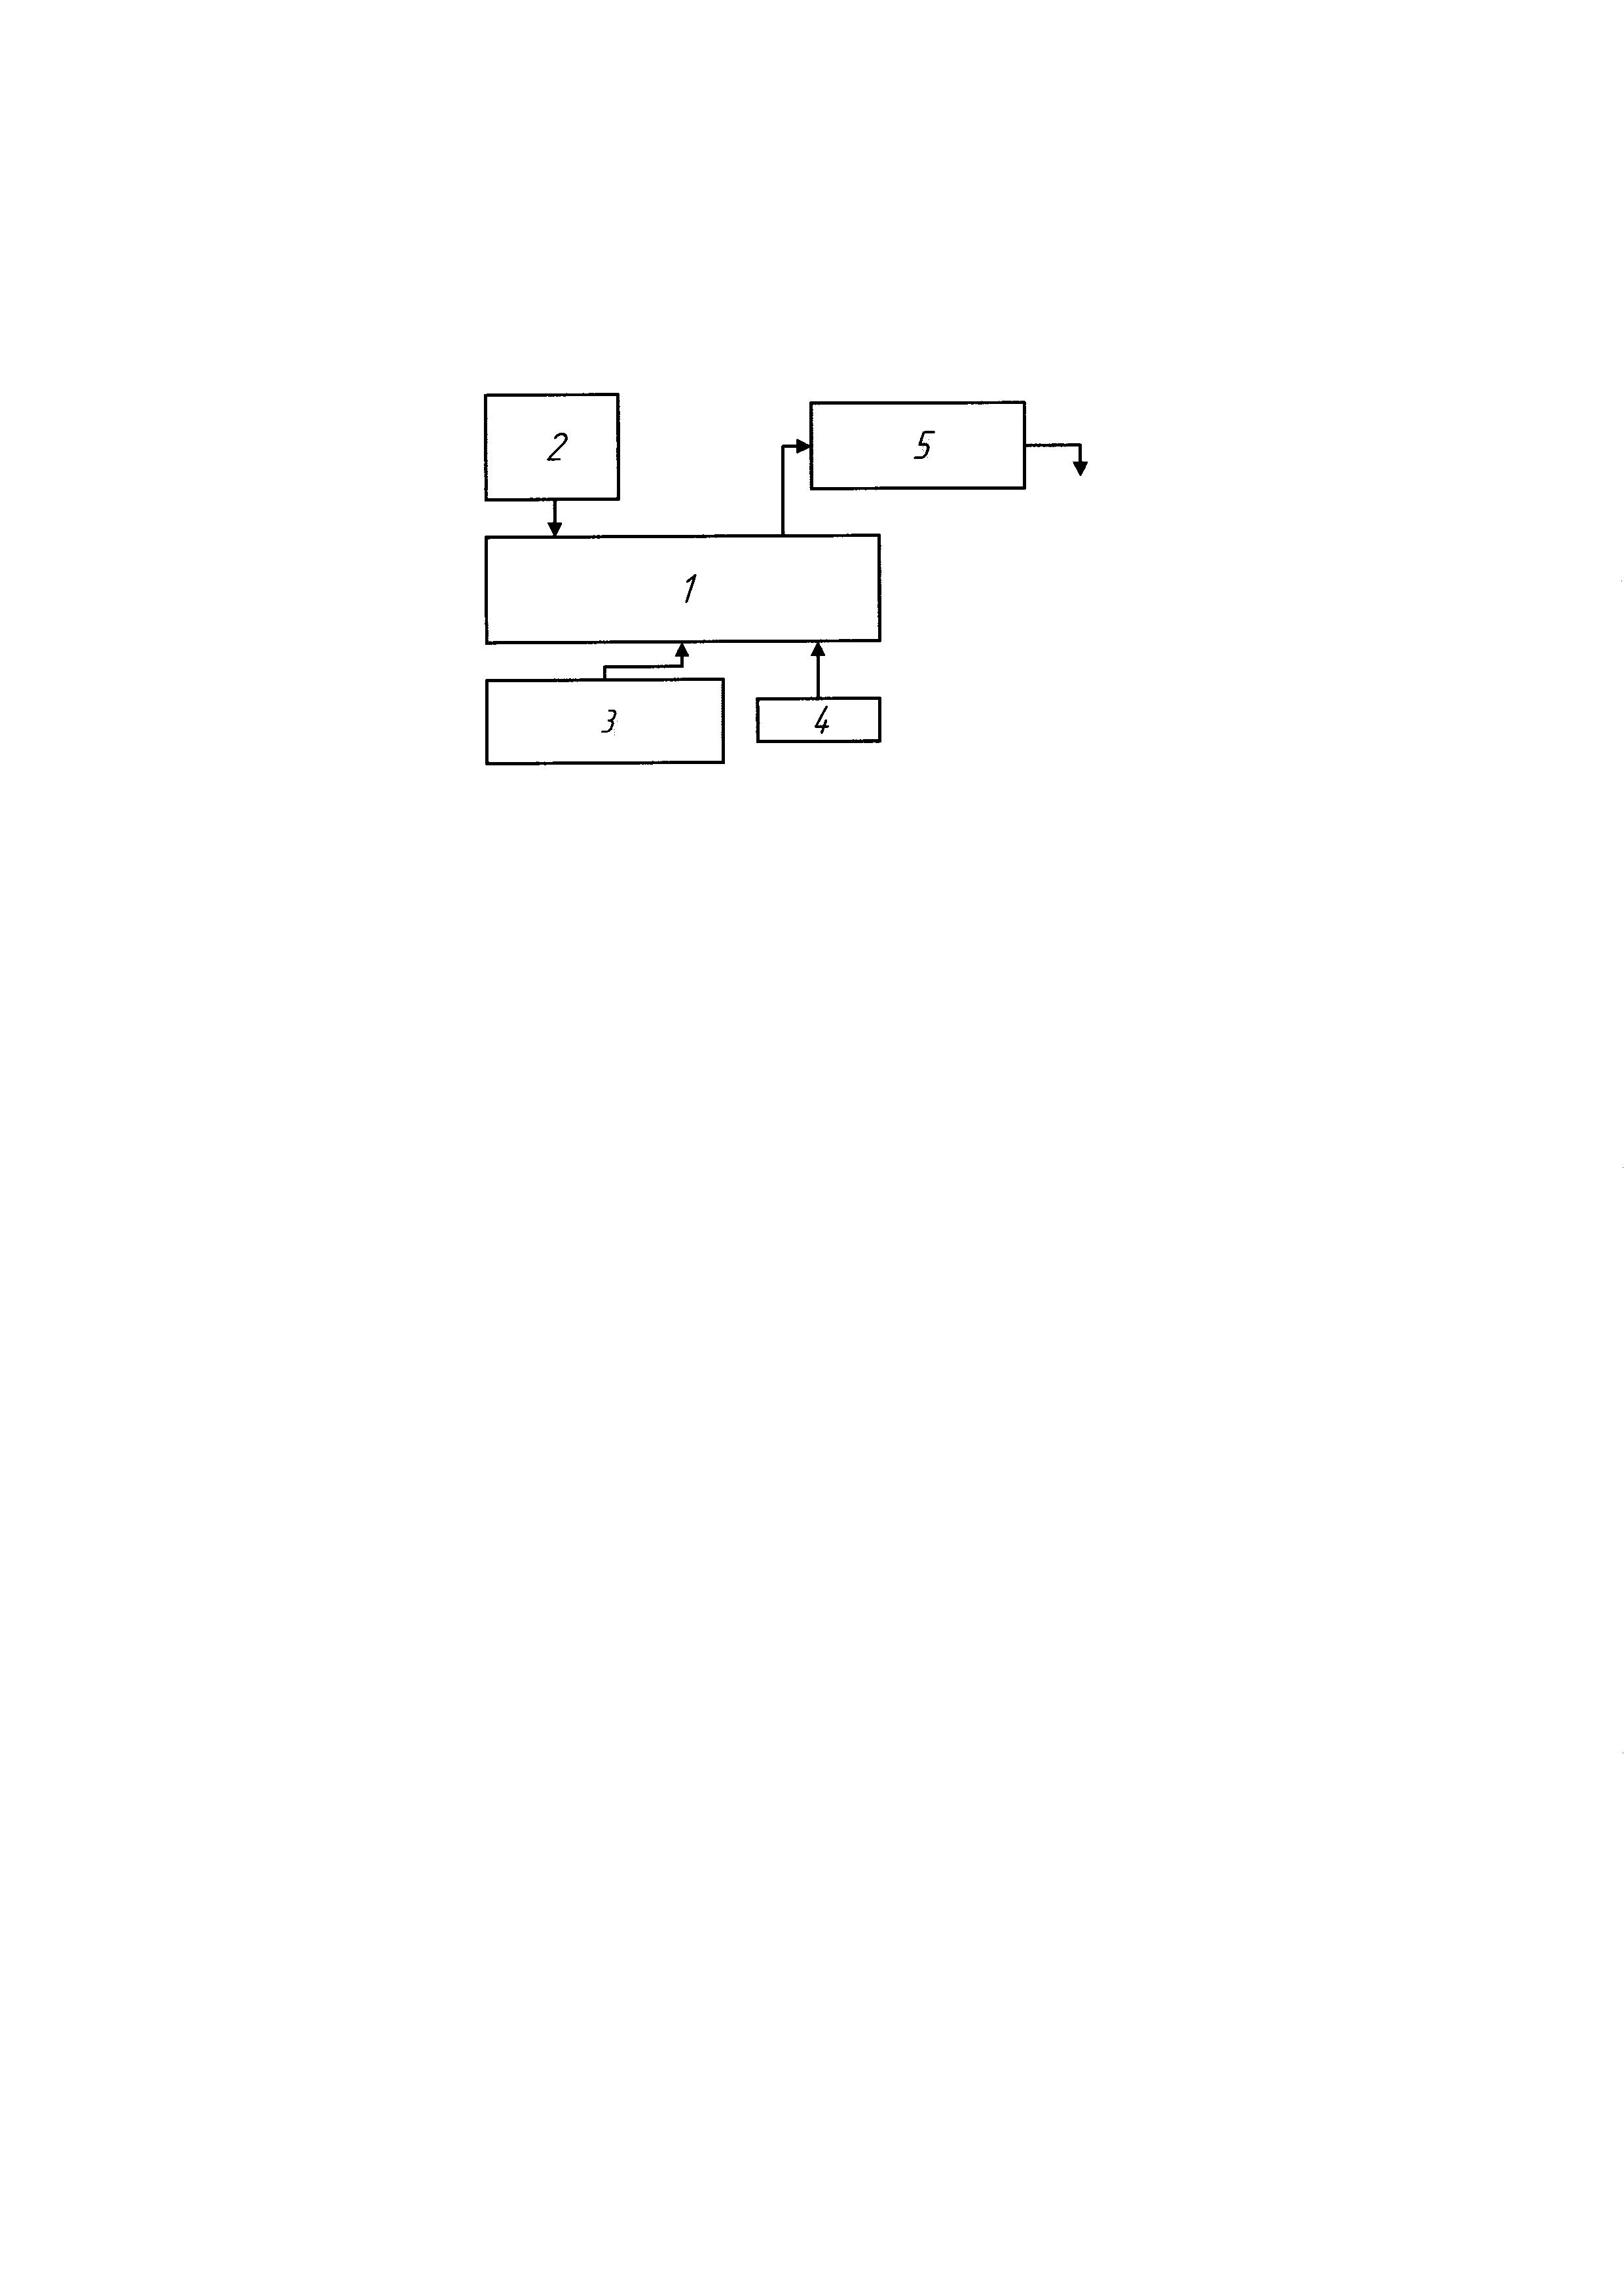 Генератор псевдослучайных последовательностей